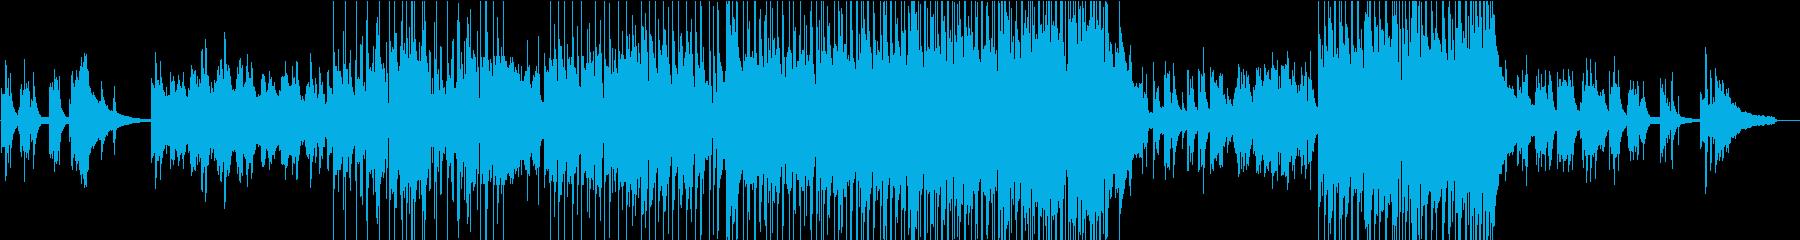 誕生・祝福 爽やかで優しいピアノBGMの再生済みの波形